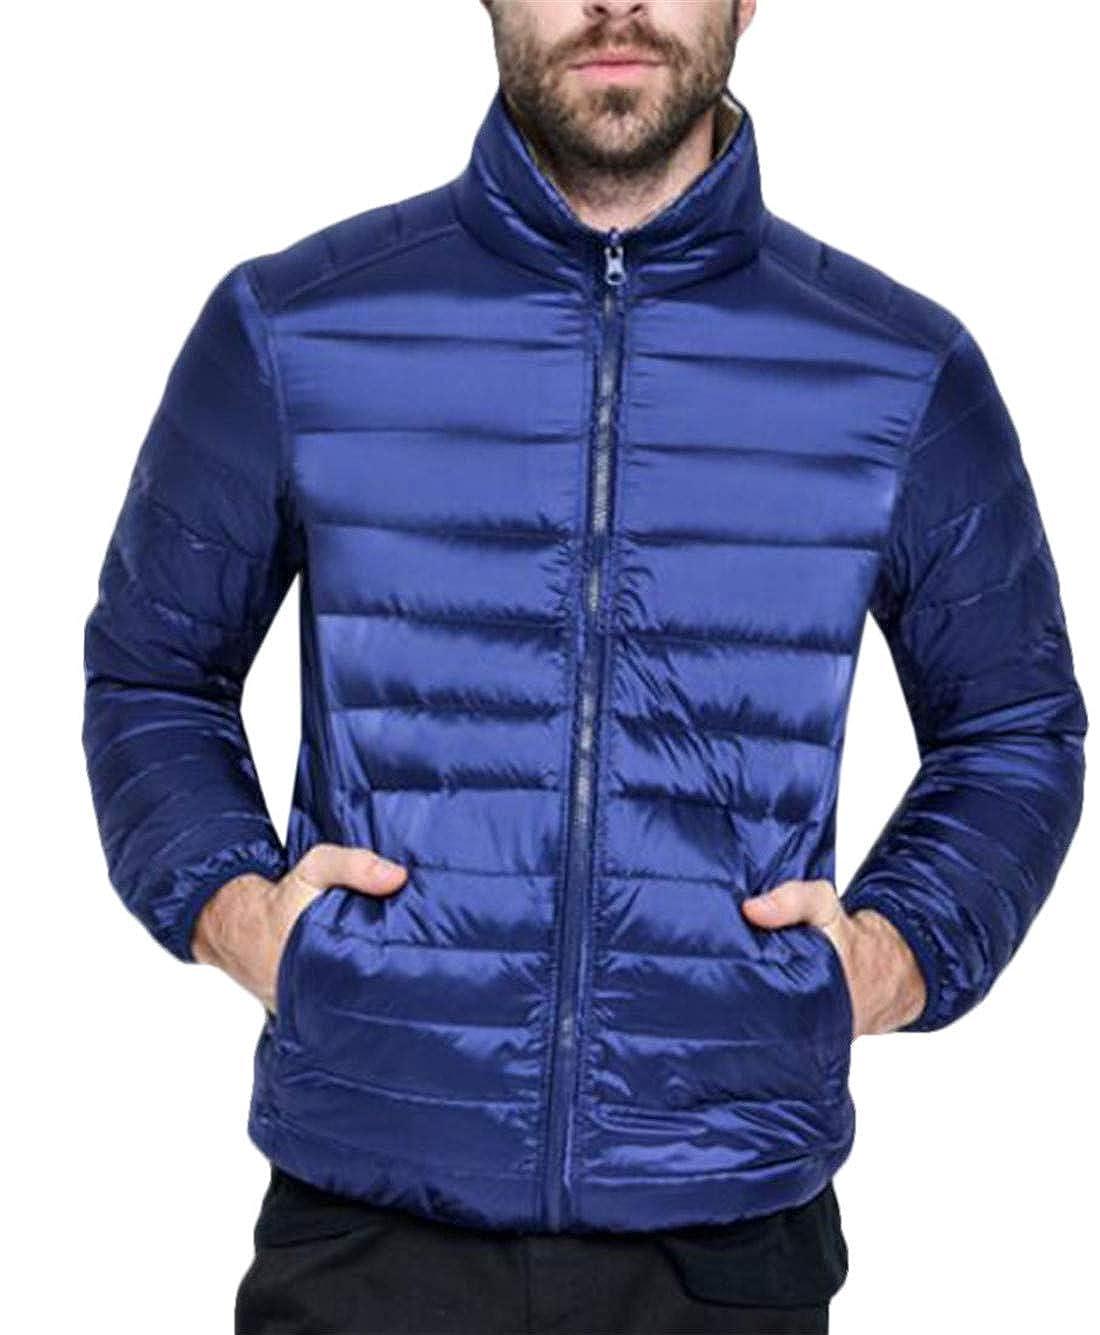 UUYUK Men Zip Front Stand Collar Lightweight Packable Slim Puffer Down Jacket